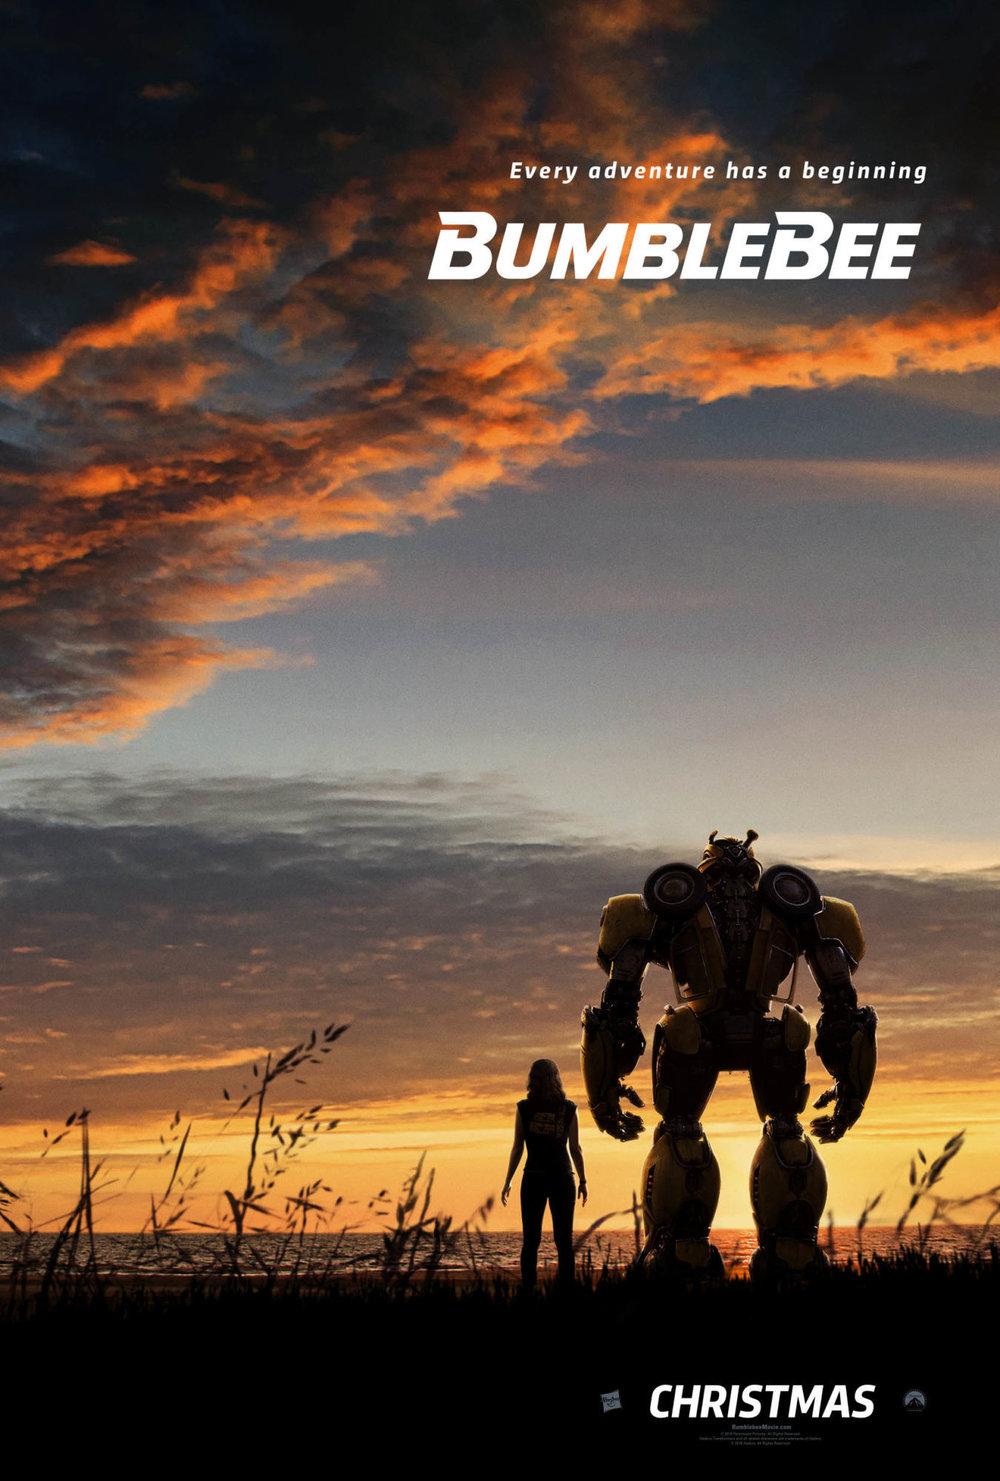 #BumbleBee